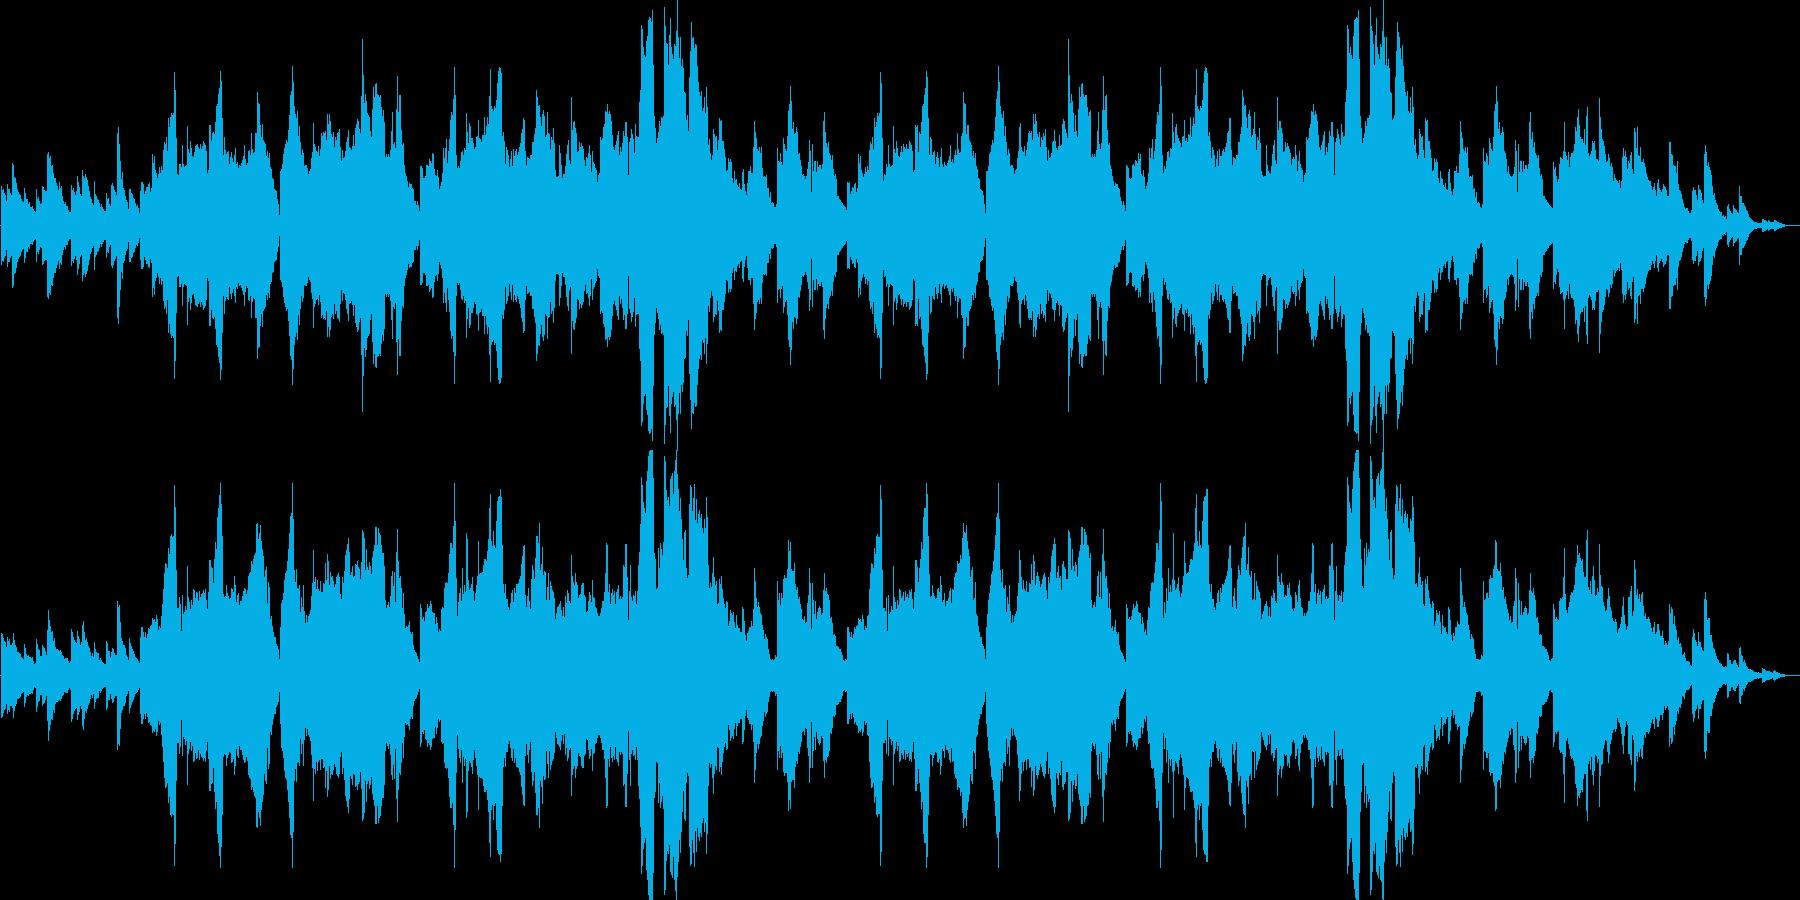 優しいリラクゼーションミュージックの再生済みの波形